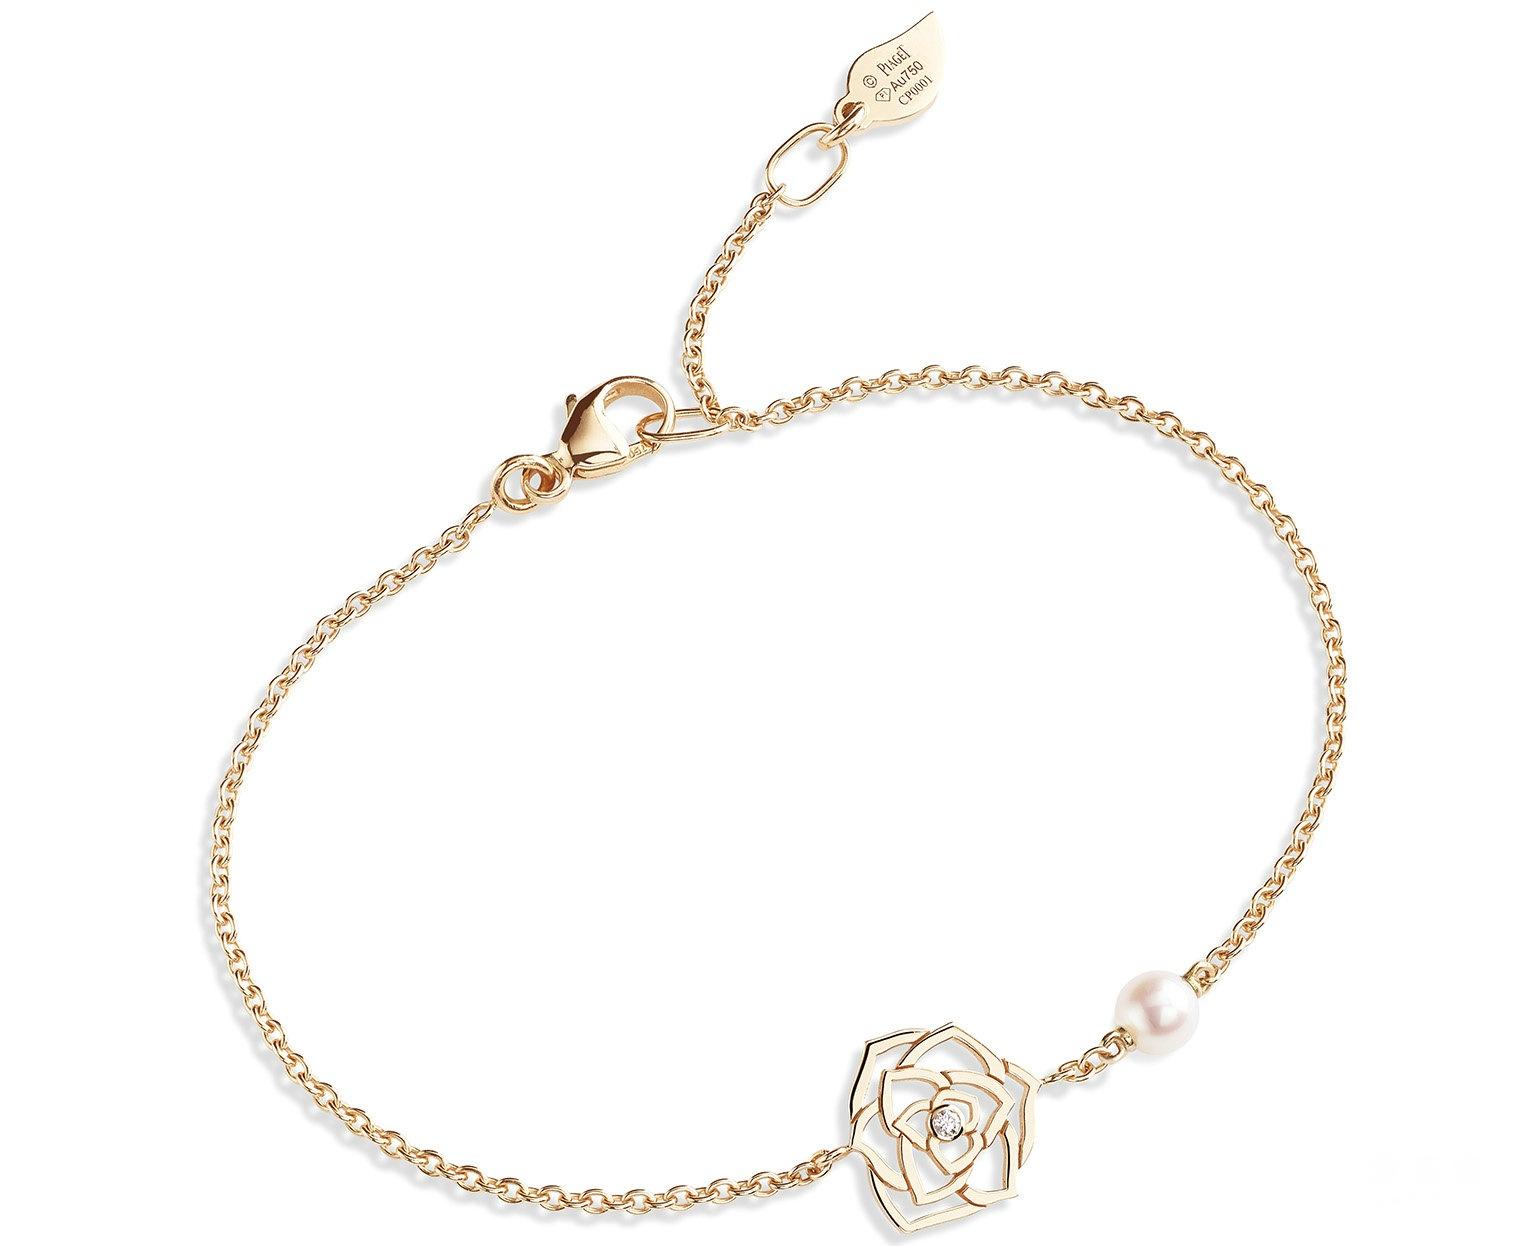 伯爵全新打造炫彩珠宝、精雕金饰与璀璨钻石赞颂爱之华彩